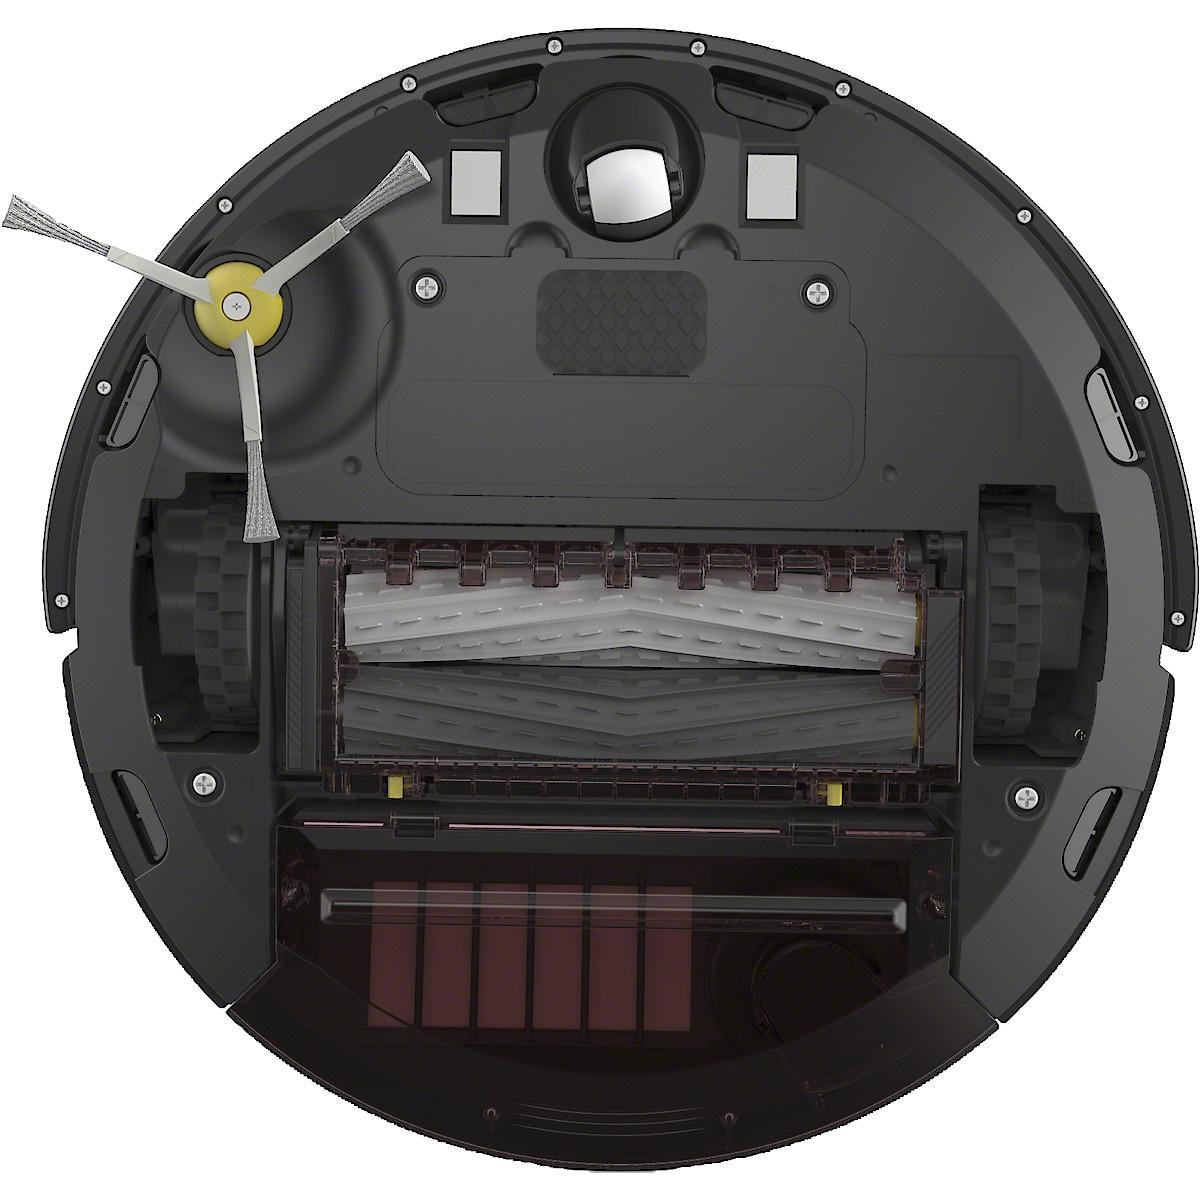 Robotdammsugare iRobot Roomba 886